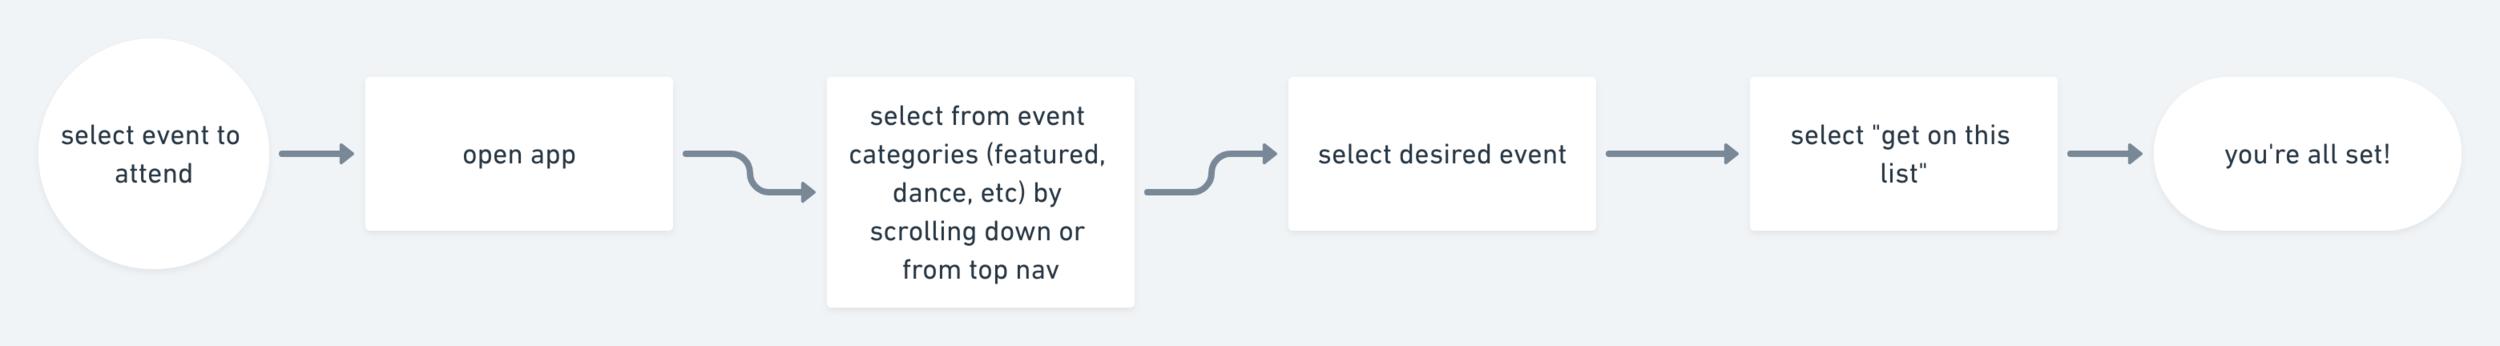 pophop_select_event_task_flow.png